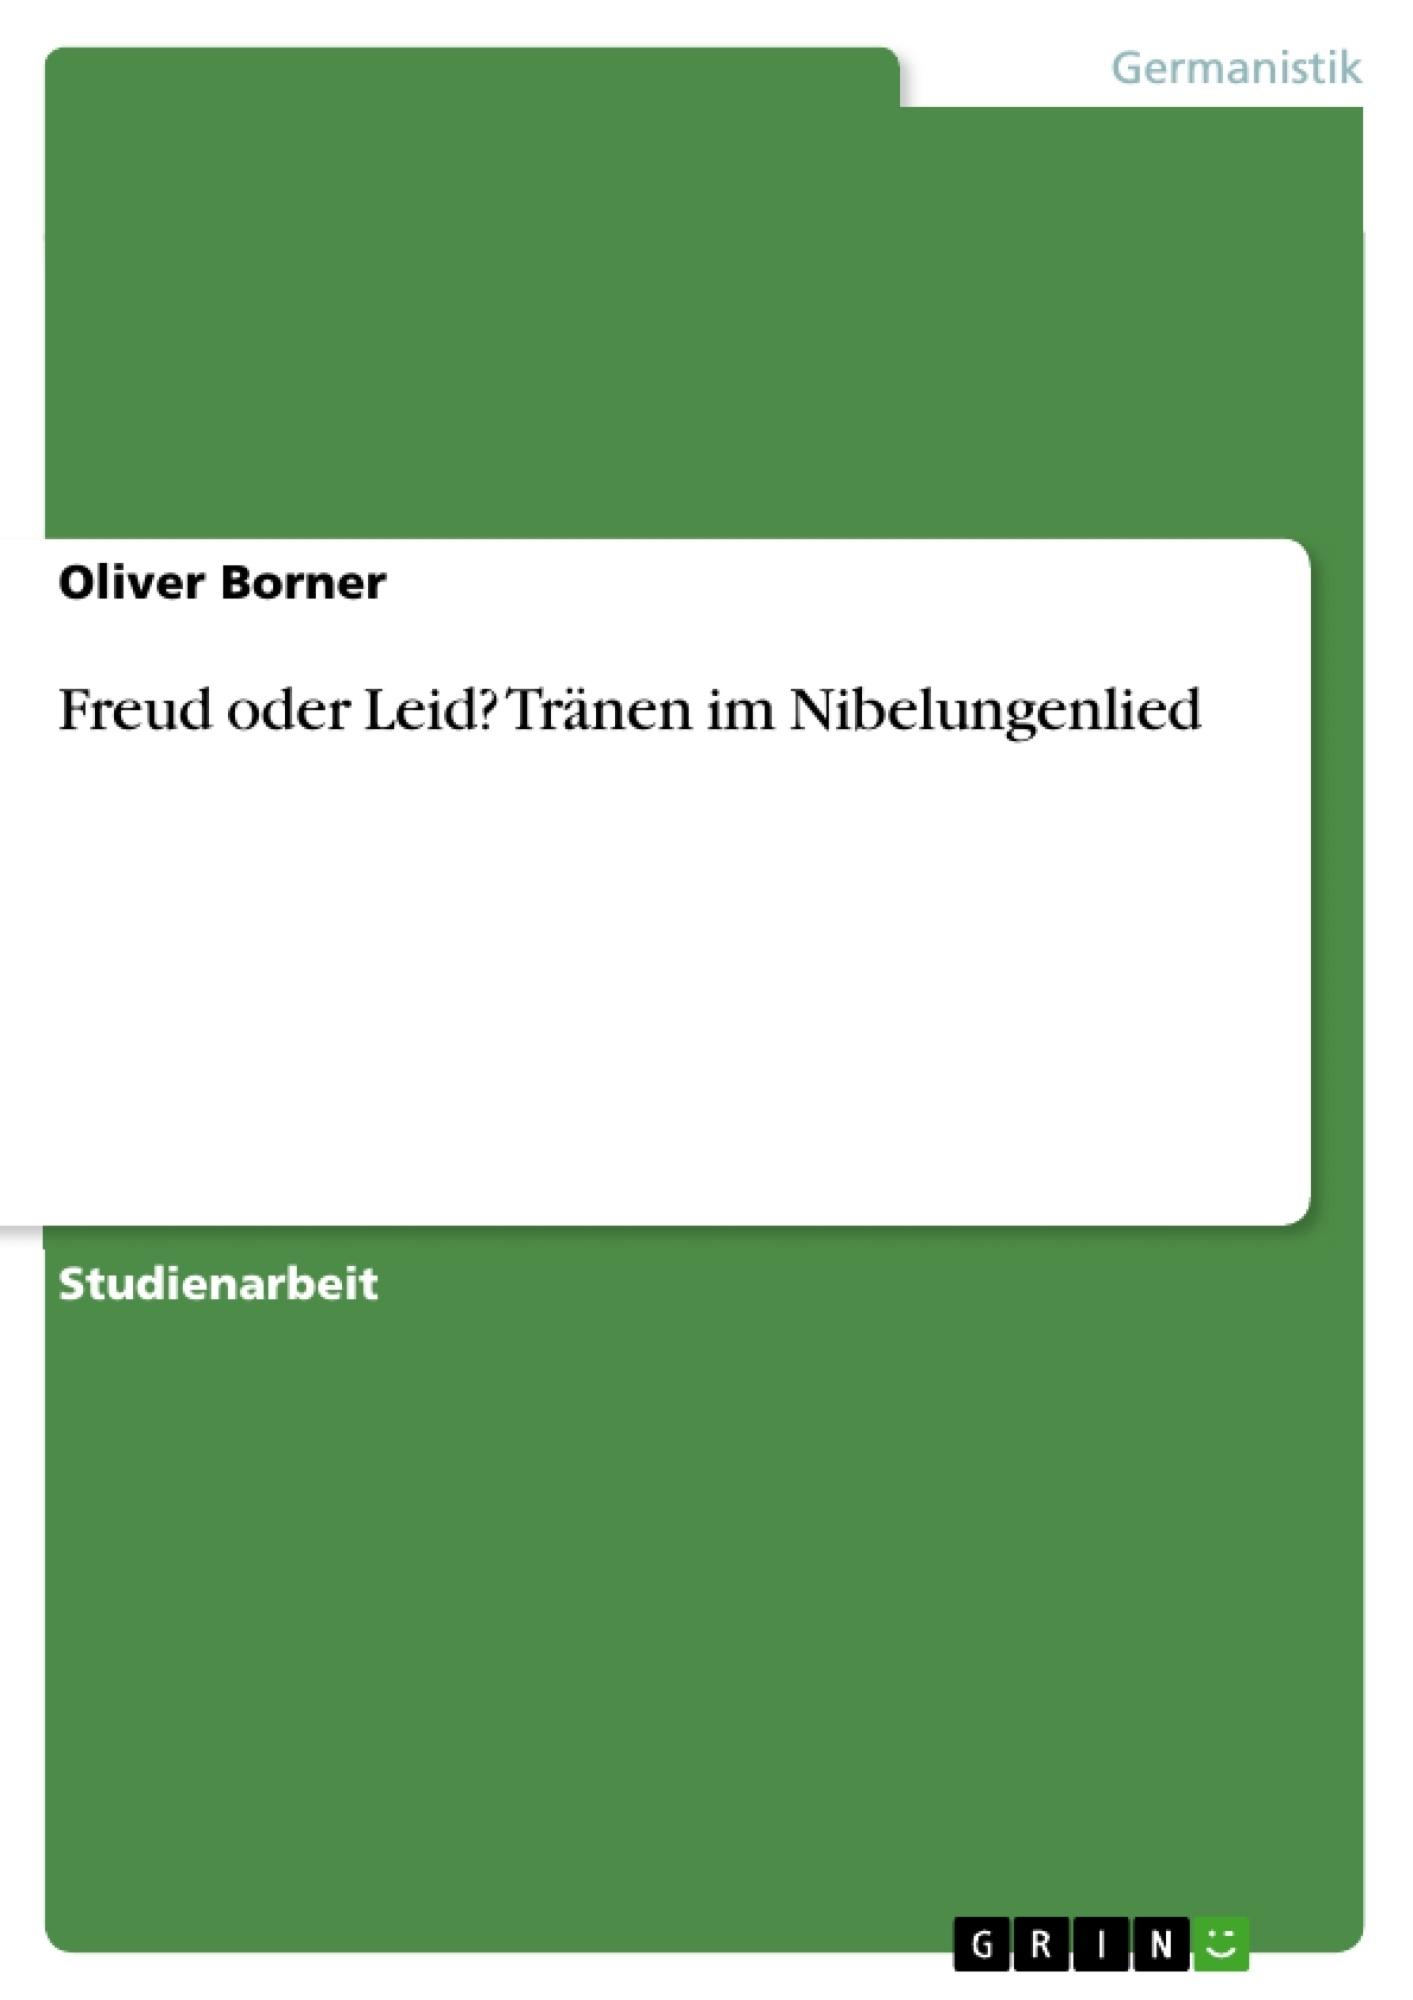 Titel: Freud oder Leid? Tränen im Nibelungenlied